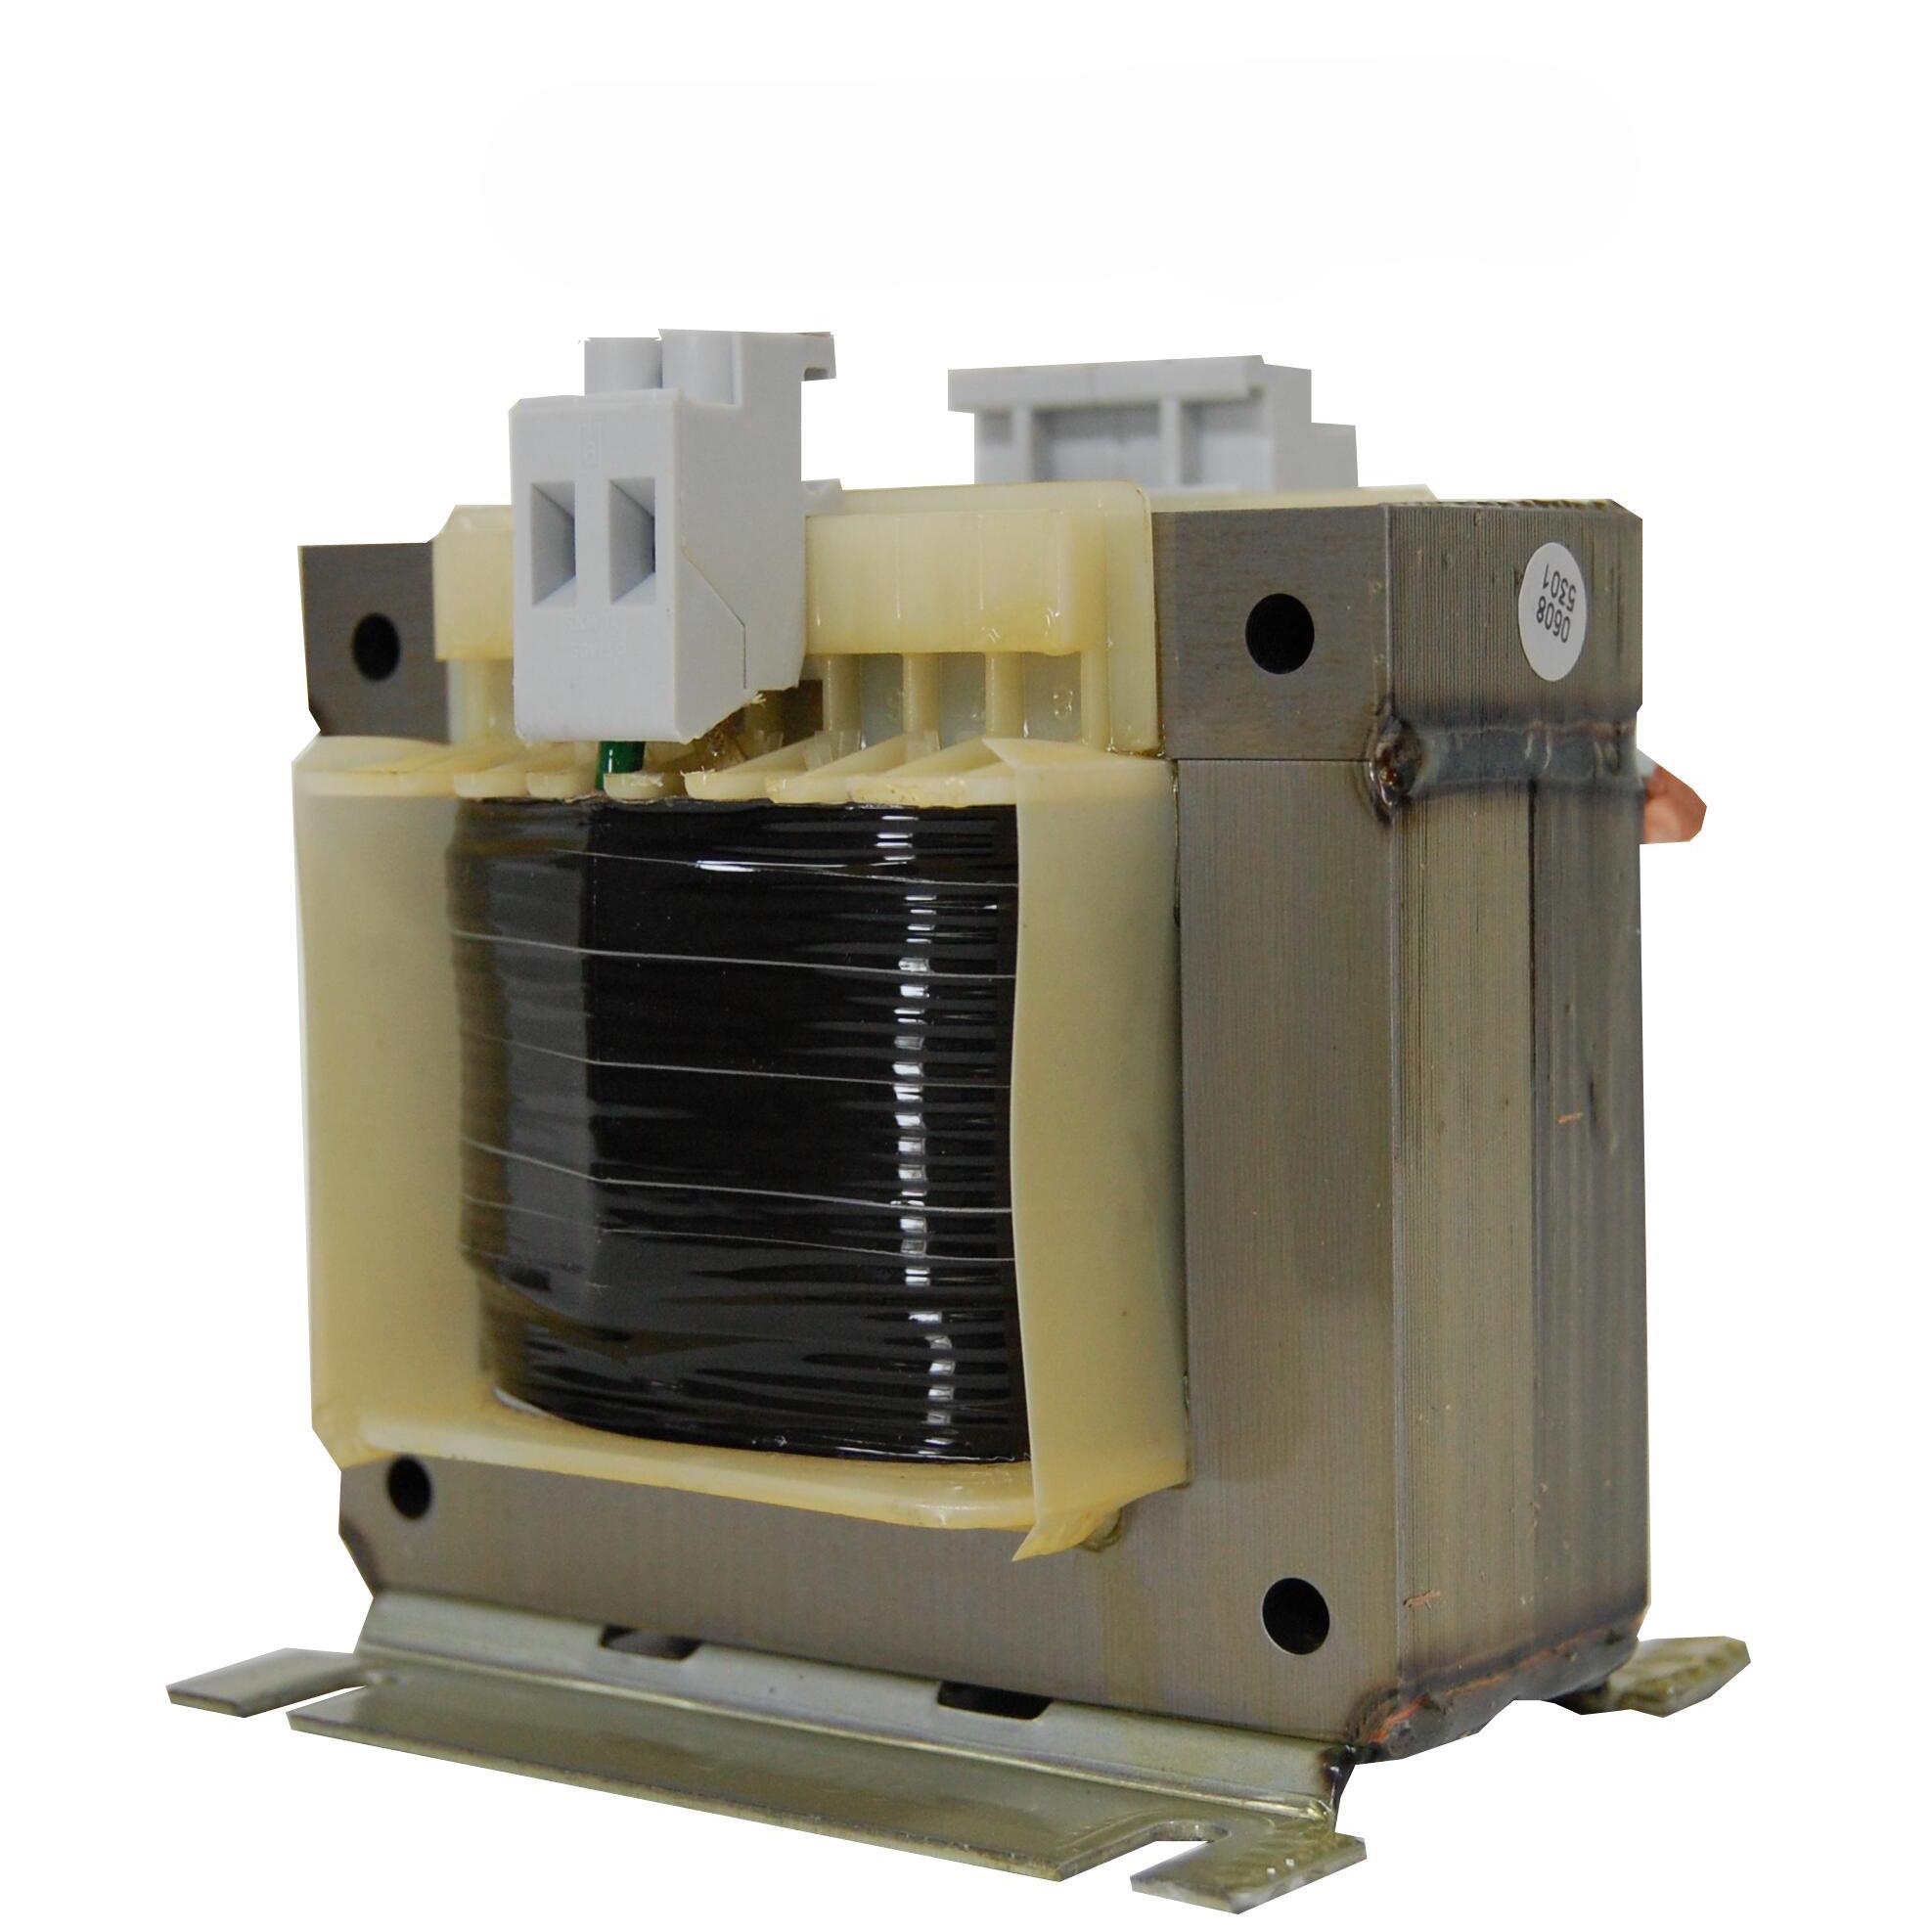 1 Stk Einphasen Steuertransformator 400/230V, 200VA, IP00 LP604020T-